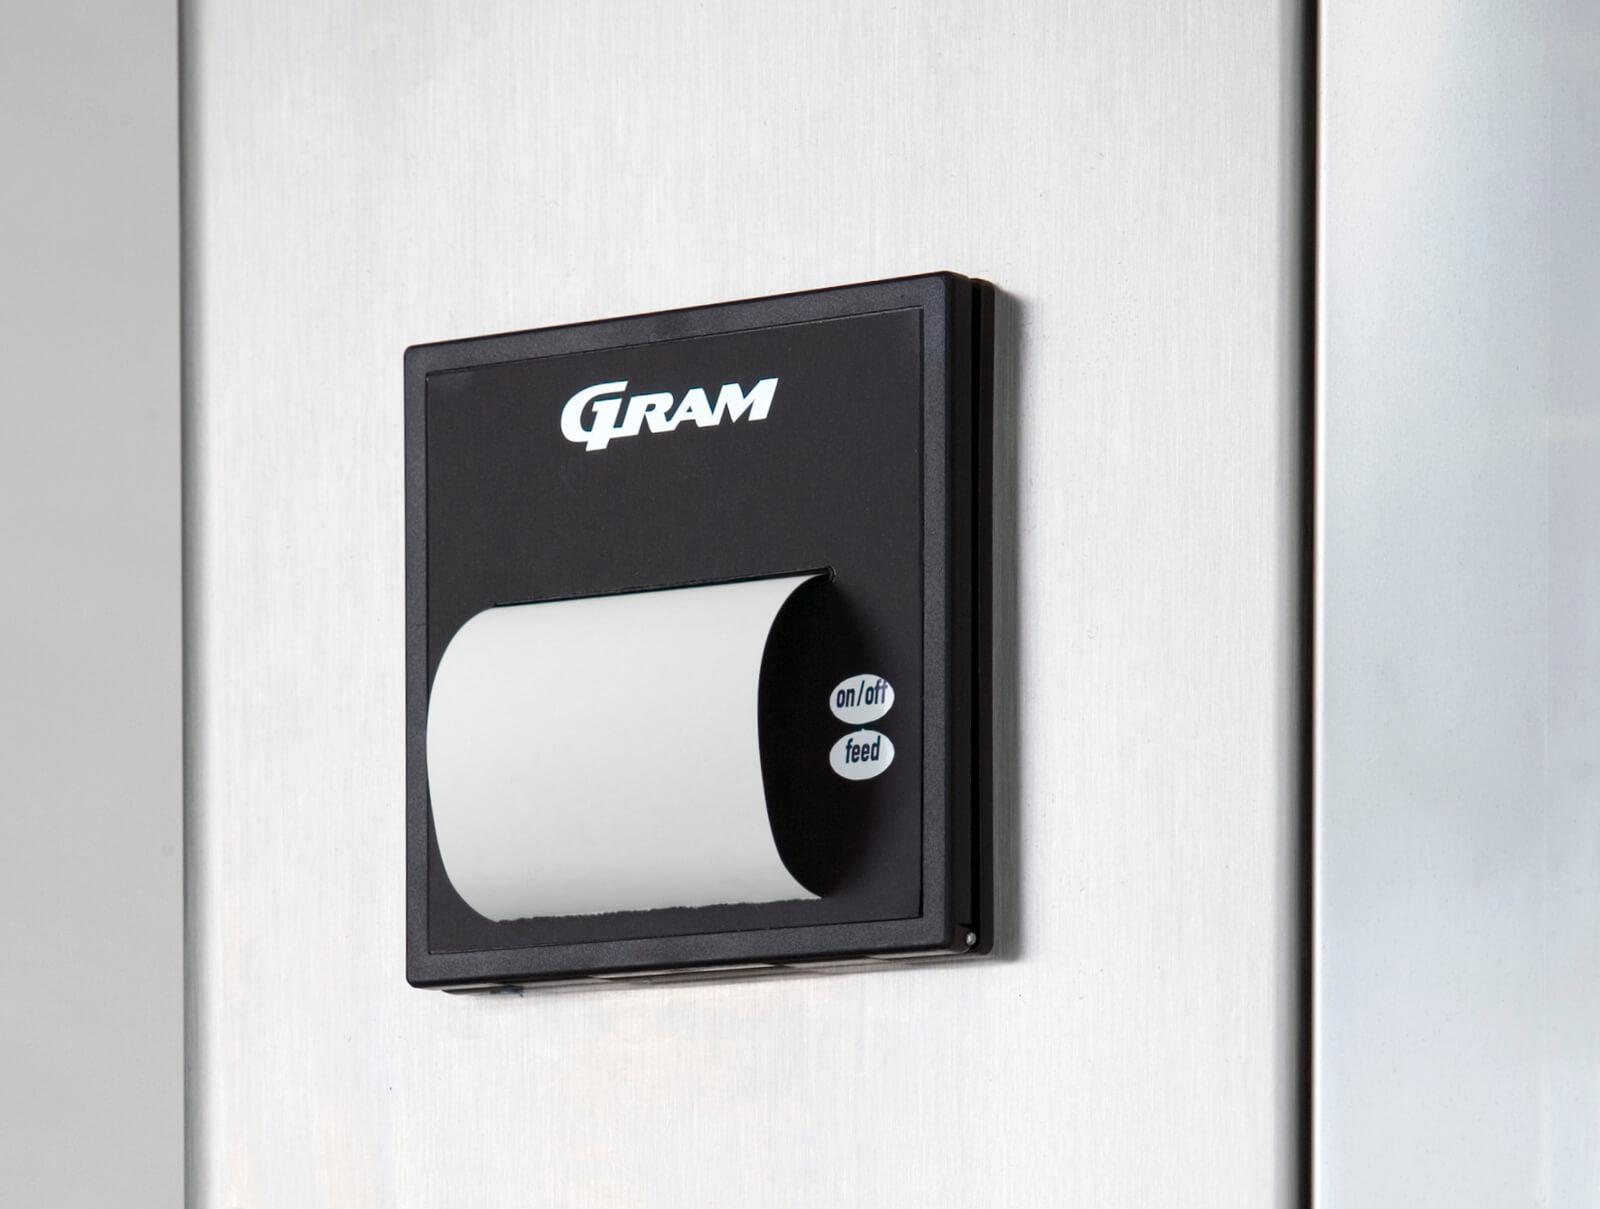 gram-refrigeration-chiller